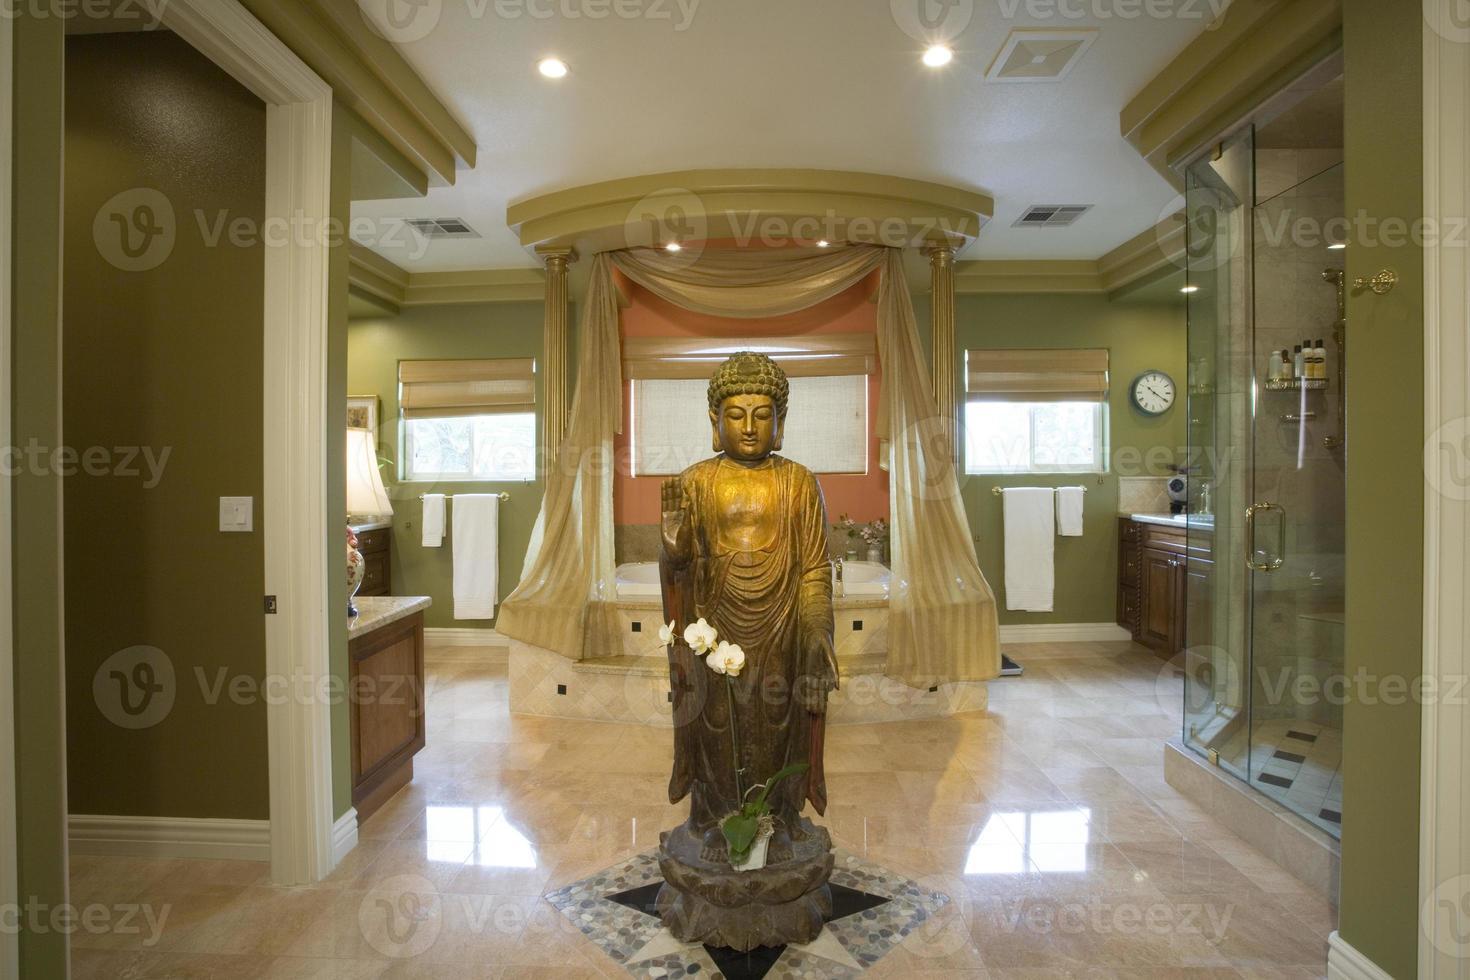 estátua de Buda em banheiro luxuoso foto